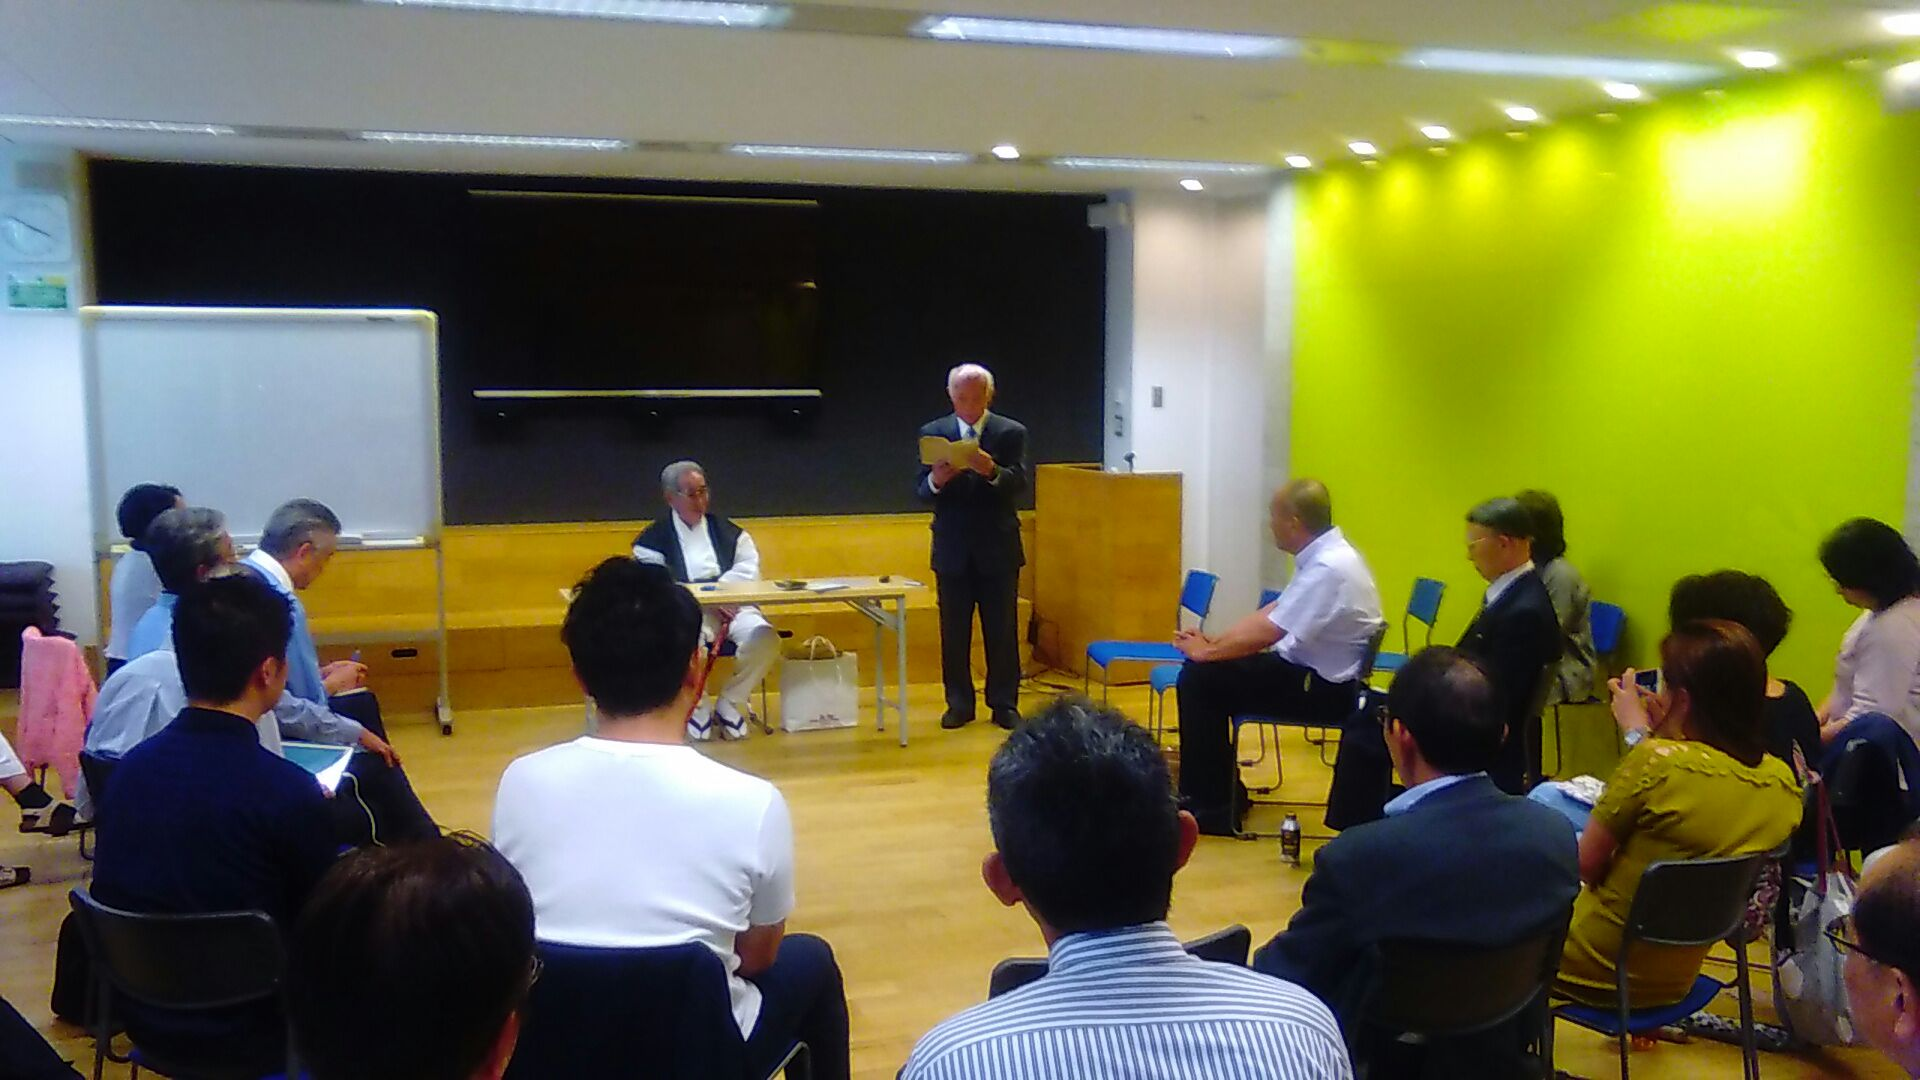 179831432432 - 12月7日(土)第6回東京思風塾「人生の鉄則からの5つの問いとは」で開催します。